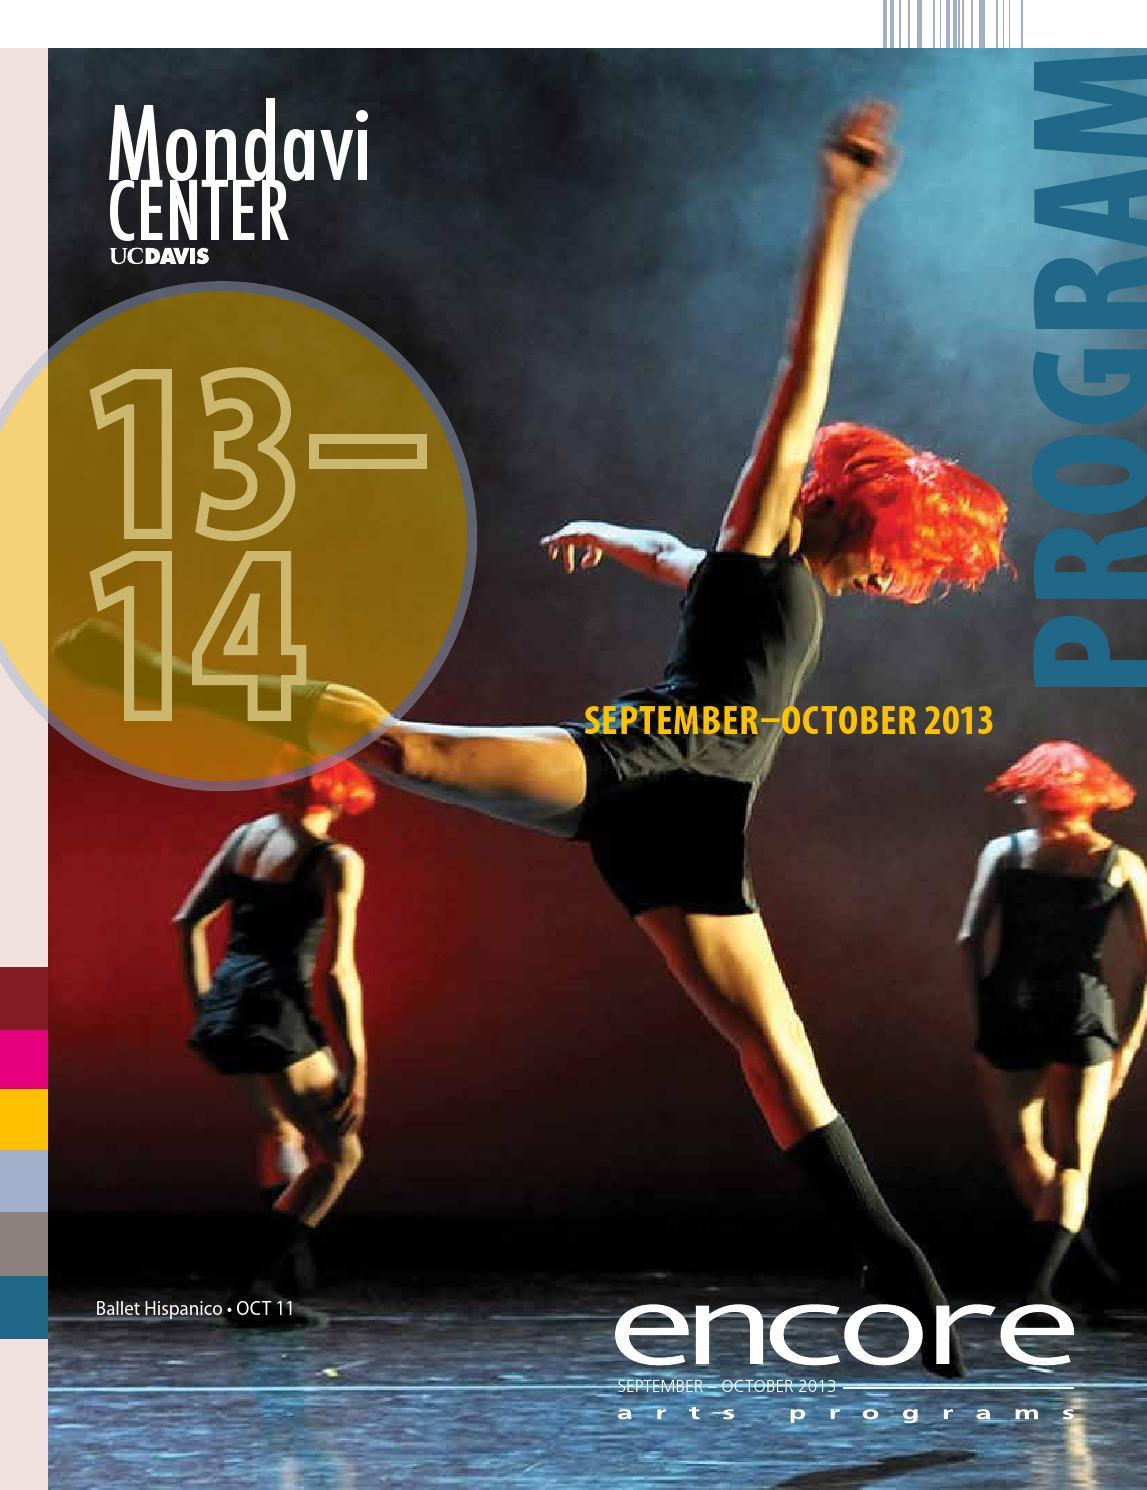 Mondavi Center Program ISSUE 1: SEPTEMBER – OCTOBER 2013 by